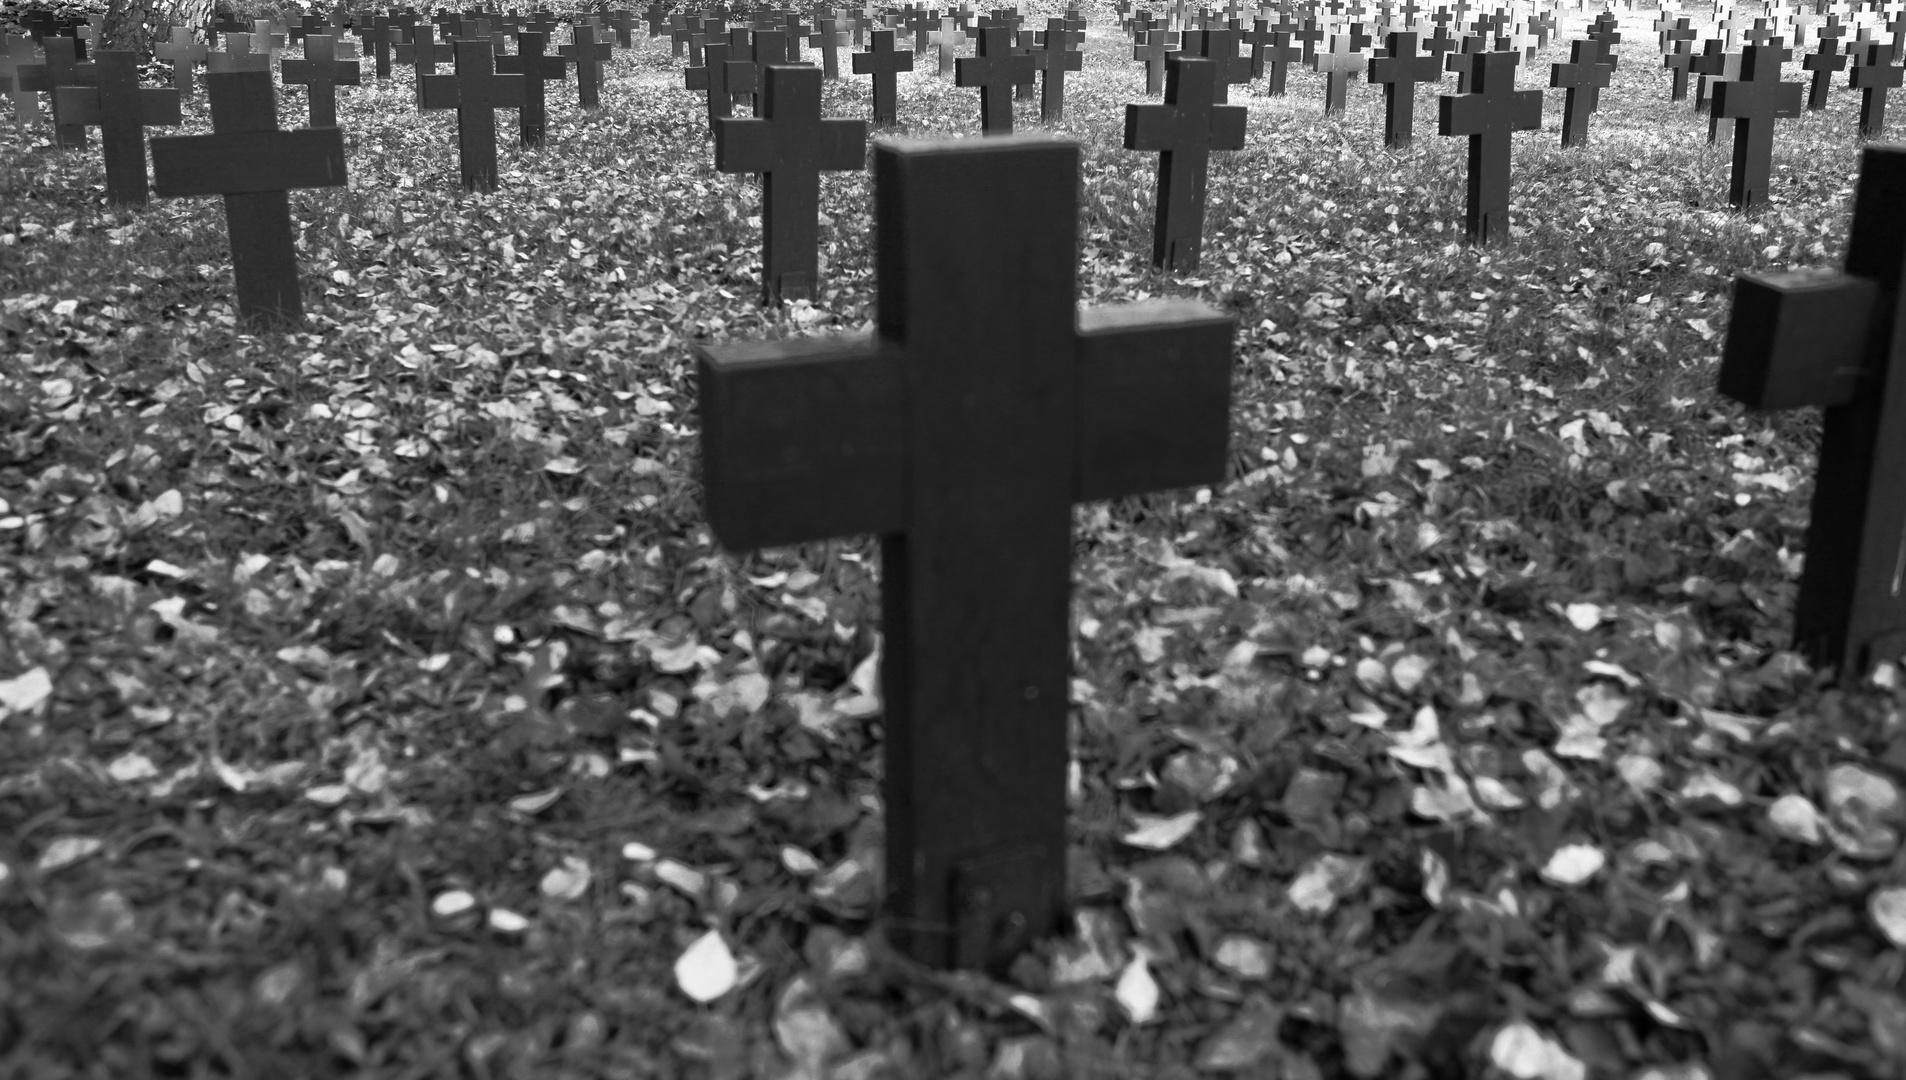 Trauer Bilder Schwarz Weiß